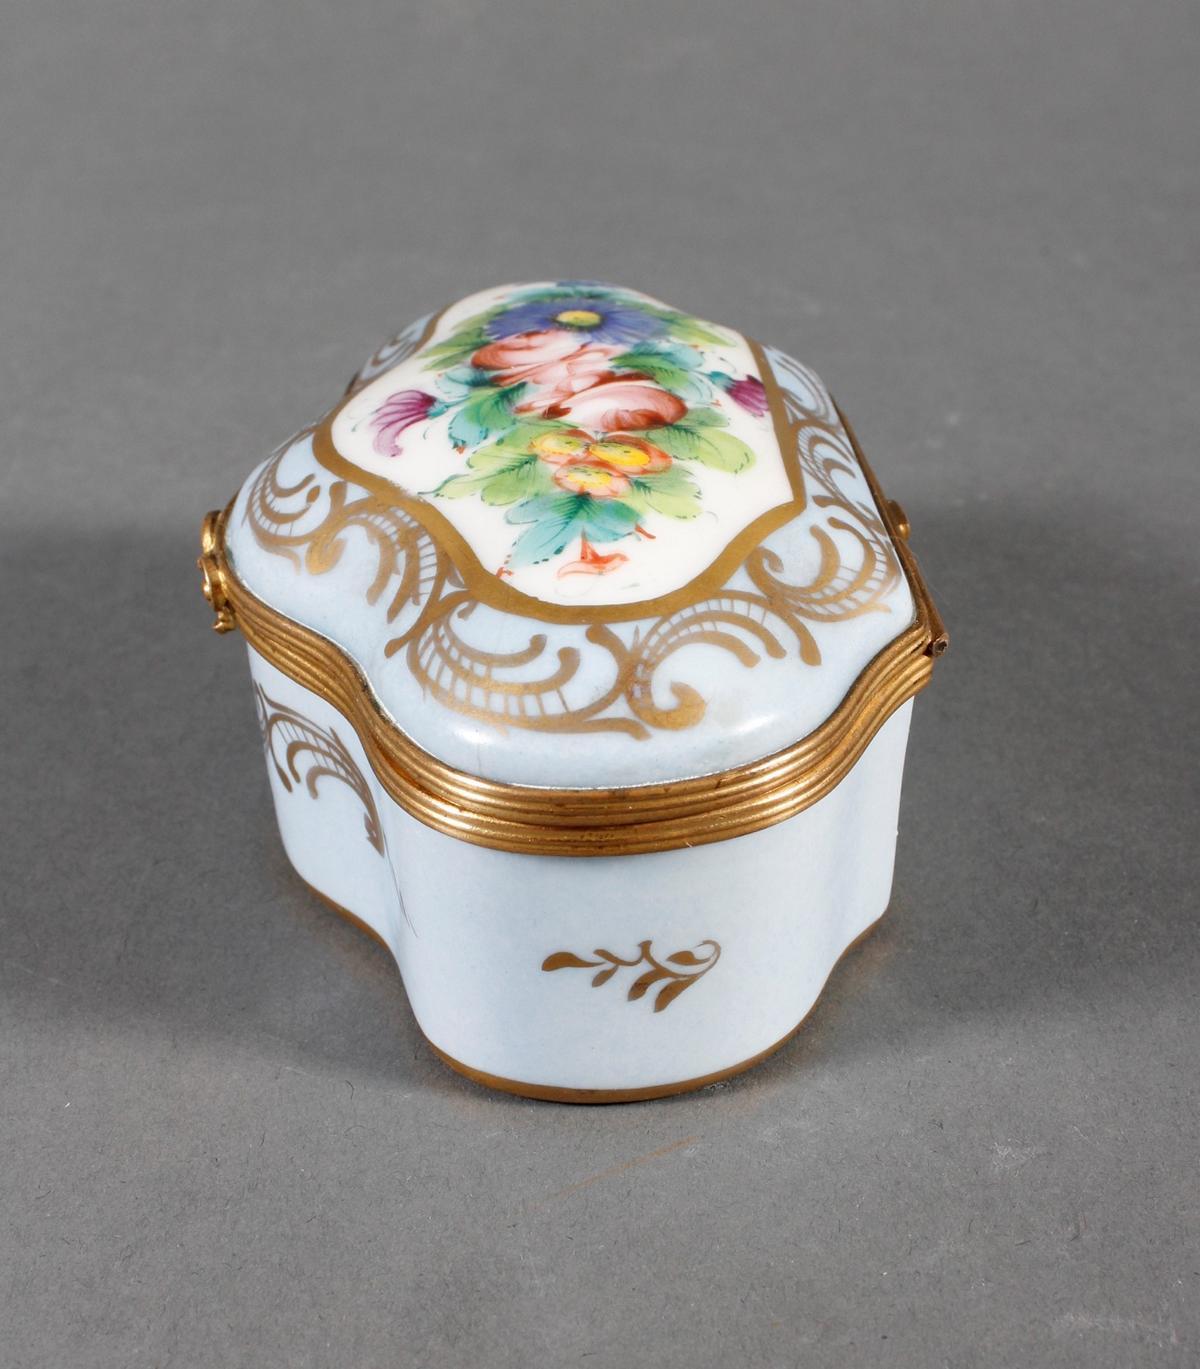 Limoges Frankreich, Handbemalte Porzellan-Pillendose, 1. Hälfte 20. Jahrhundert-5